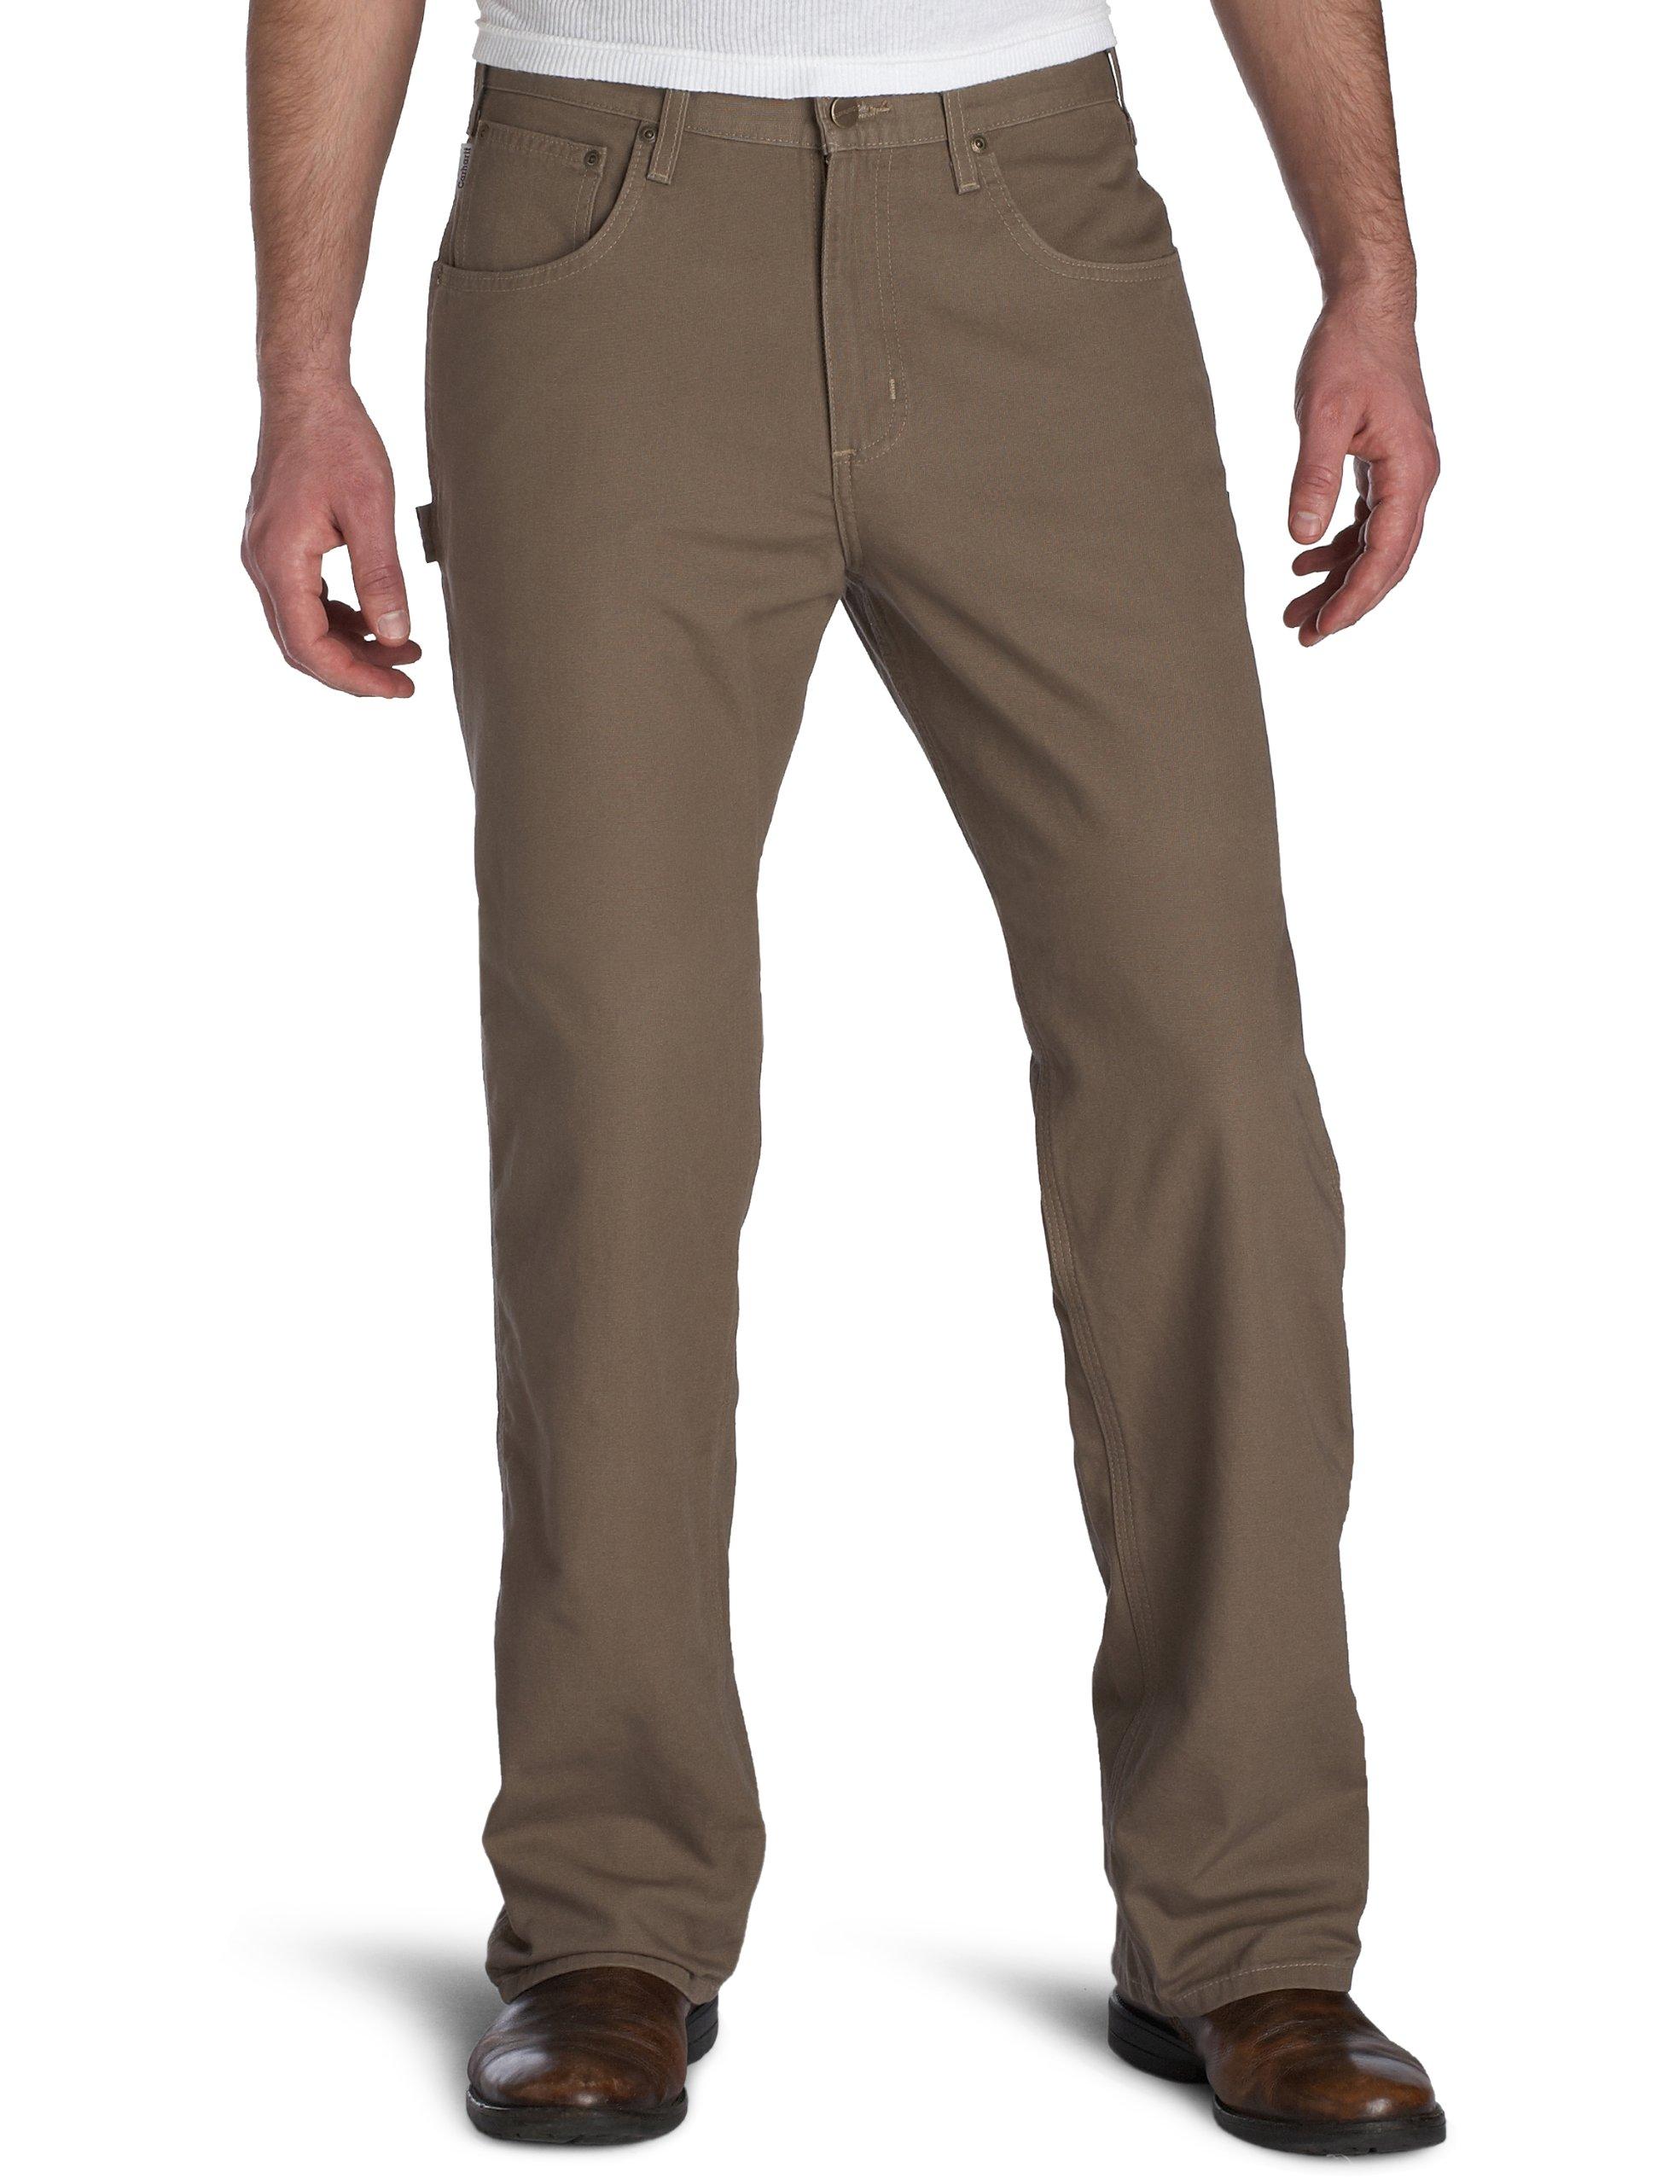 Carhartt Men's Loose fit Carpenter Jean